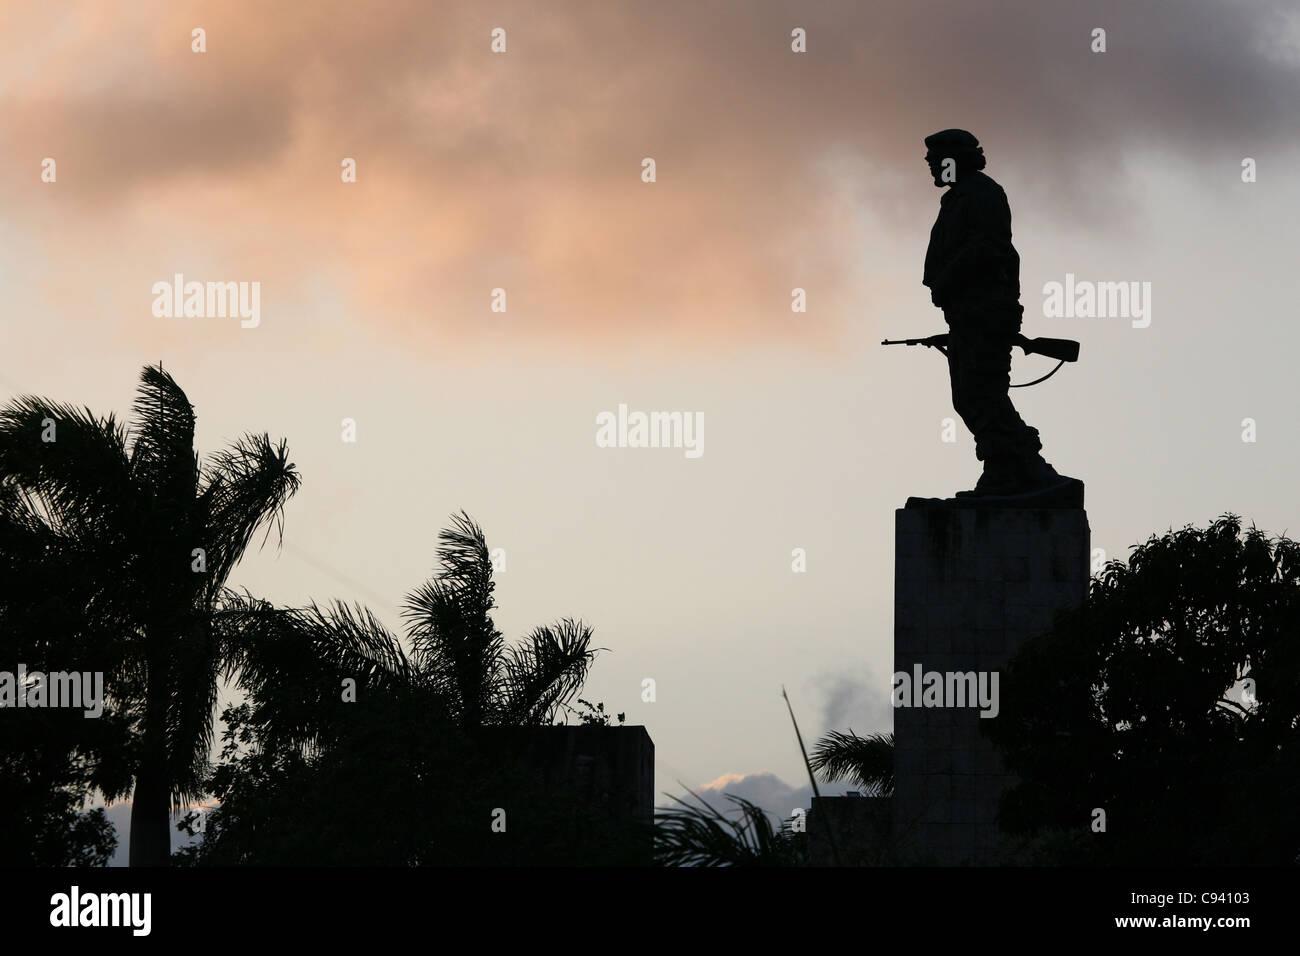 Denkmal und das Mausoleum von Ernesto Che Guevara in Santa Clara, Kuba. Stockbild